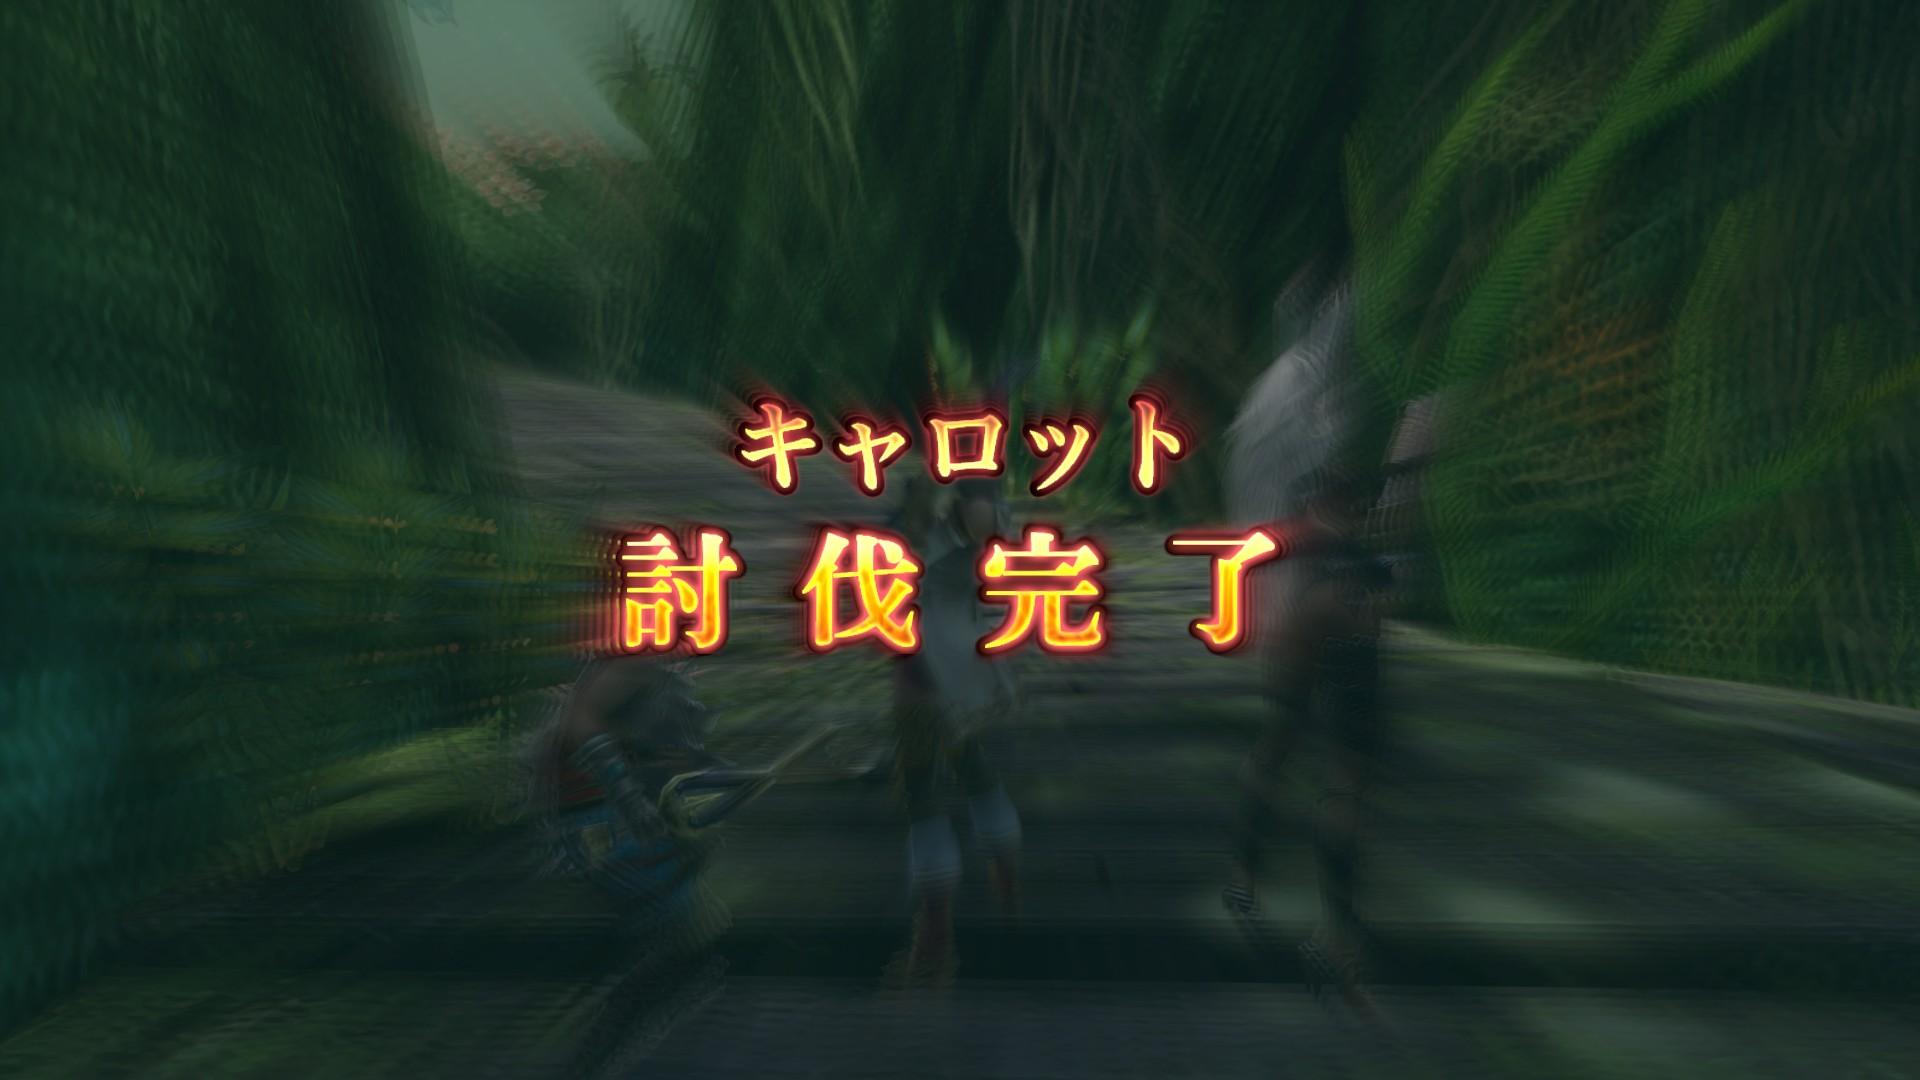 Lov, klany a nepřátelé z Final Fantasy XII: The Zodiac Age na screenshotech 146305